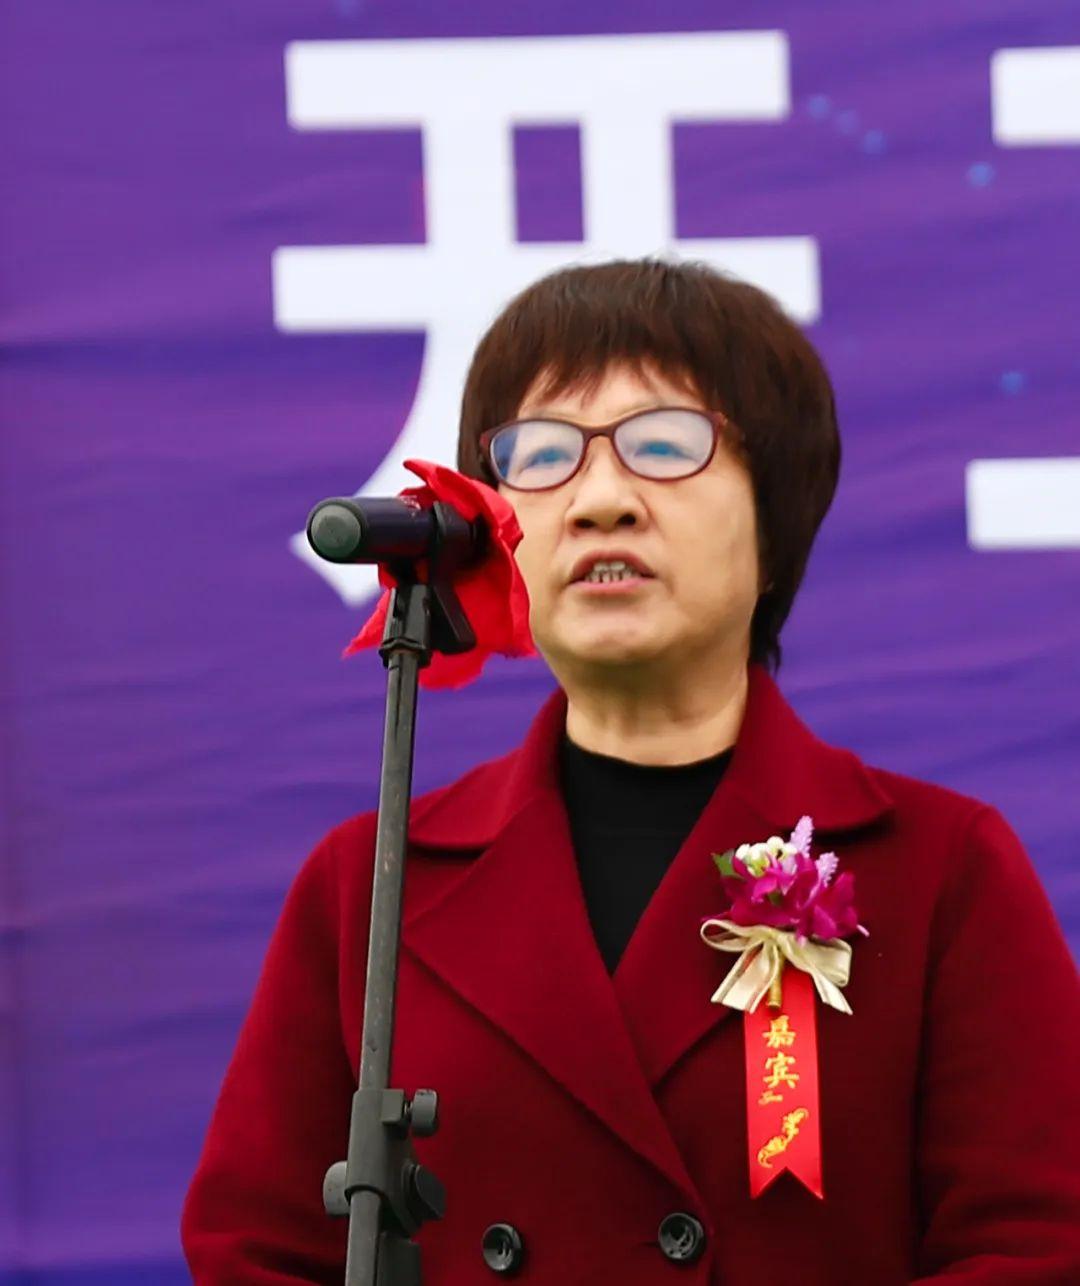 喜大普奔!屏山县大奖体育100万头优质生猪产业项目开工!